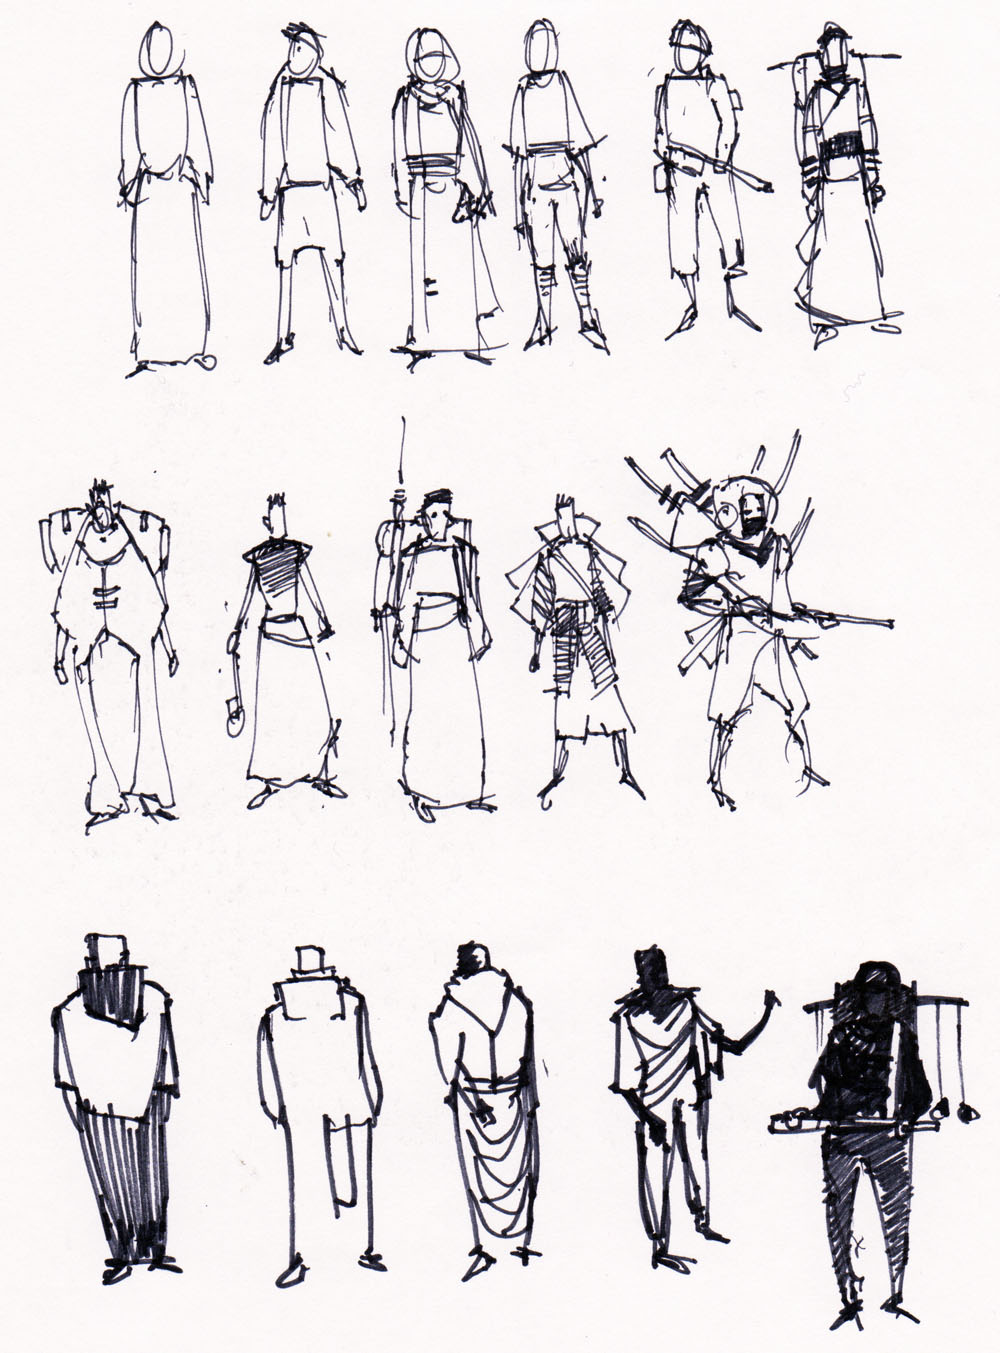 luniere kwon design sketches